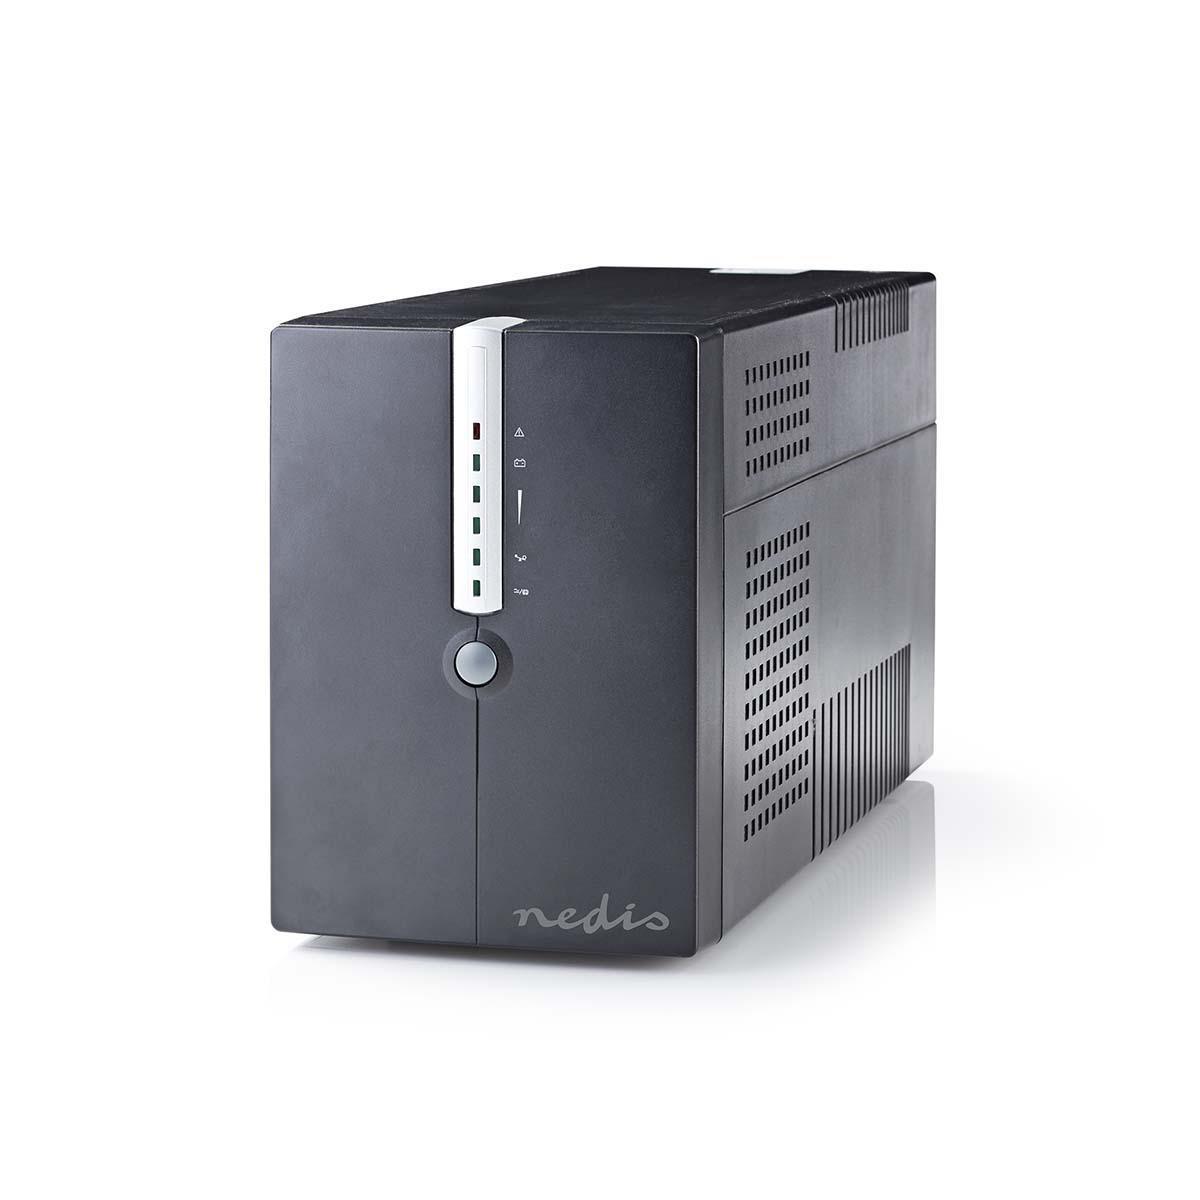 Proteja su valiosa computadora y sus archivos contra cortes de energía y sobretensiones con este potente UPS de 2000 VA. La batería incorporada le da 10 minutos para guardar archivos y apagar la computadora correctamente durante un corte de energía. Con e